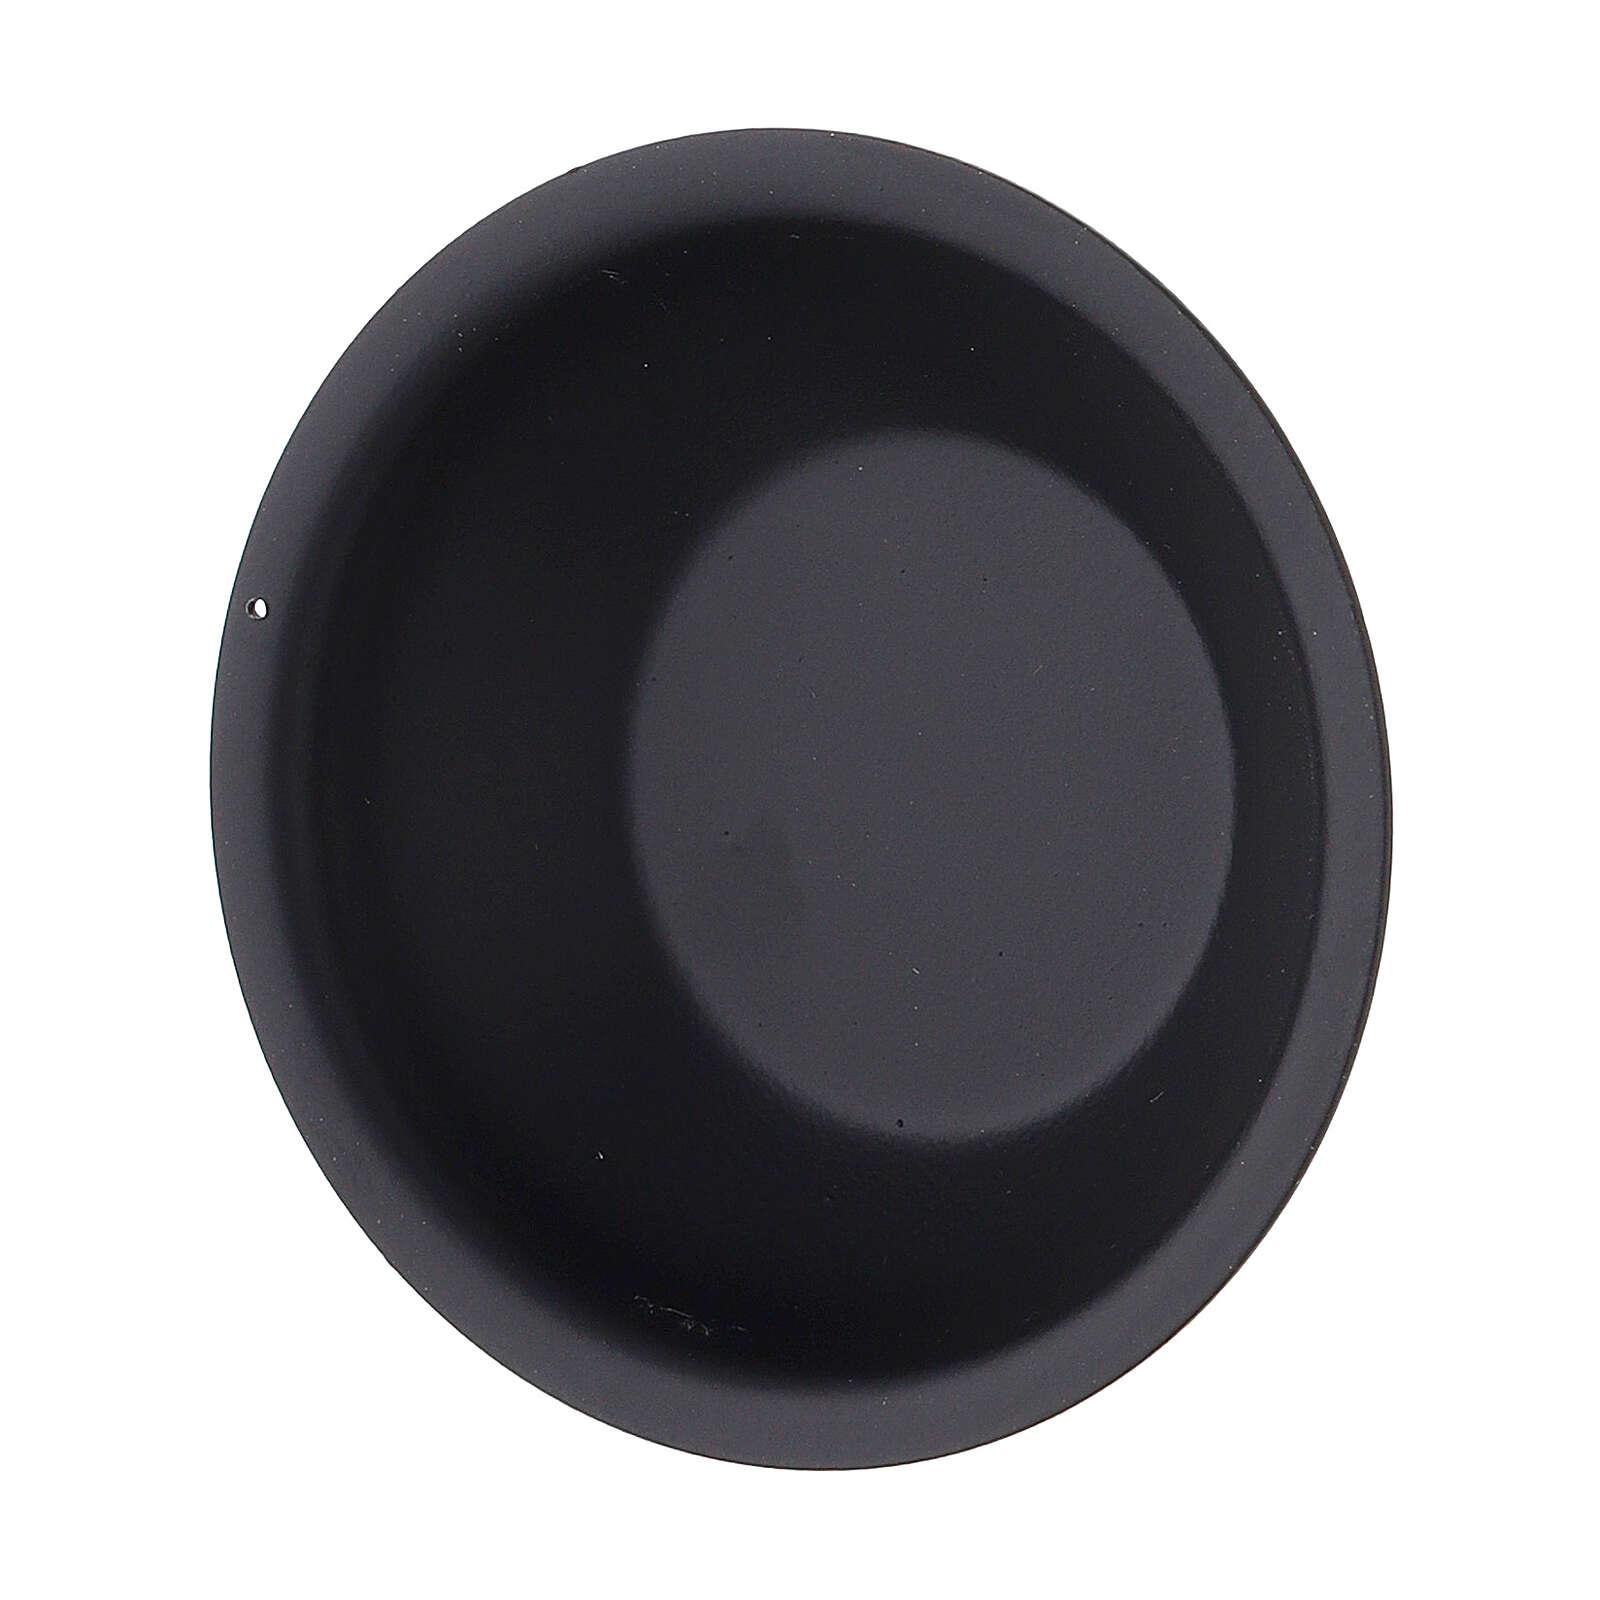 Schwarze Weihrauchbrenner-Schale fűr ätherische Öle, 30 ml 3